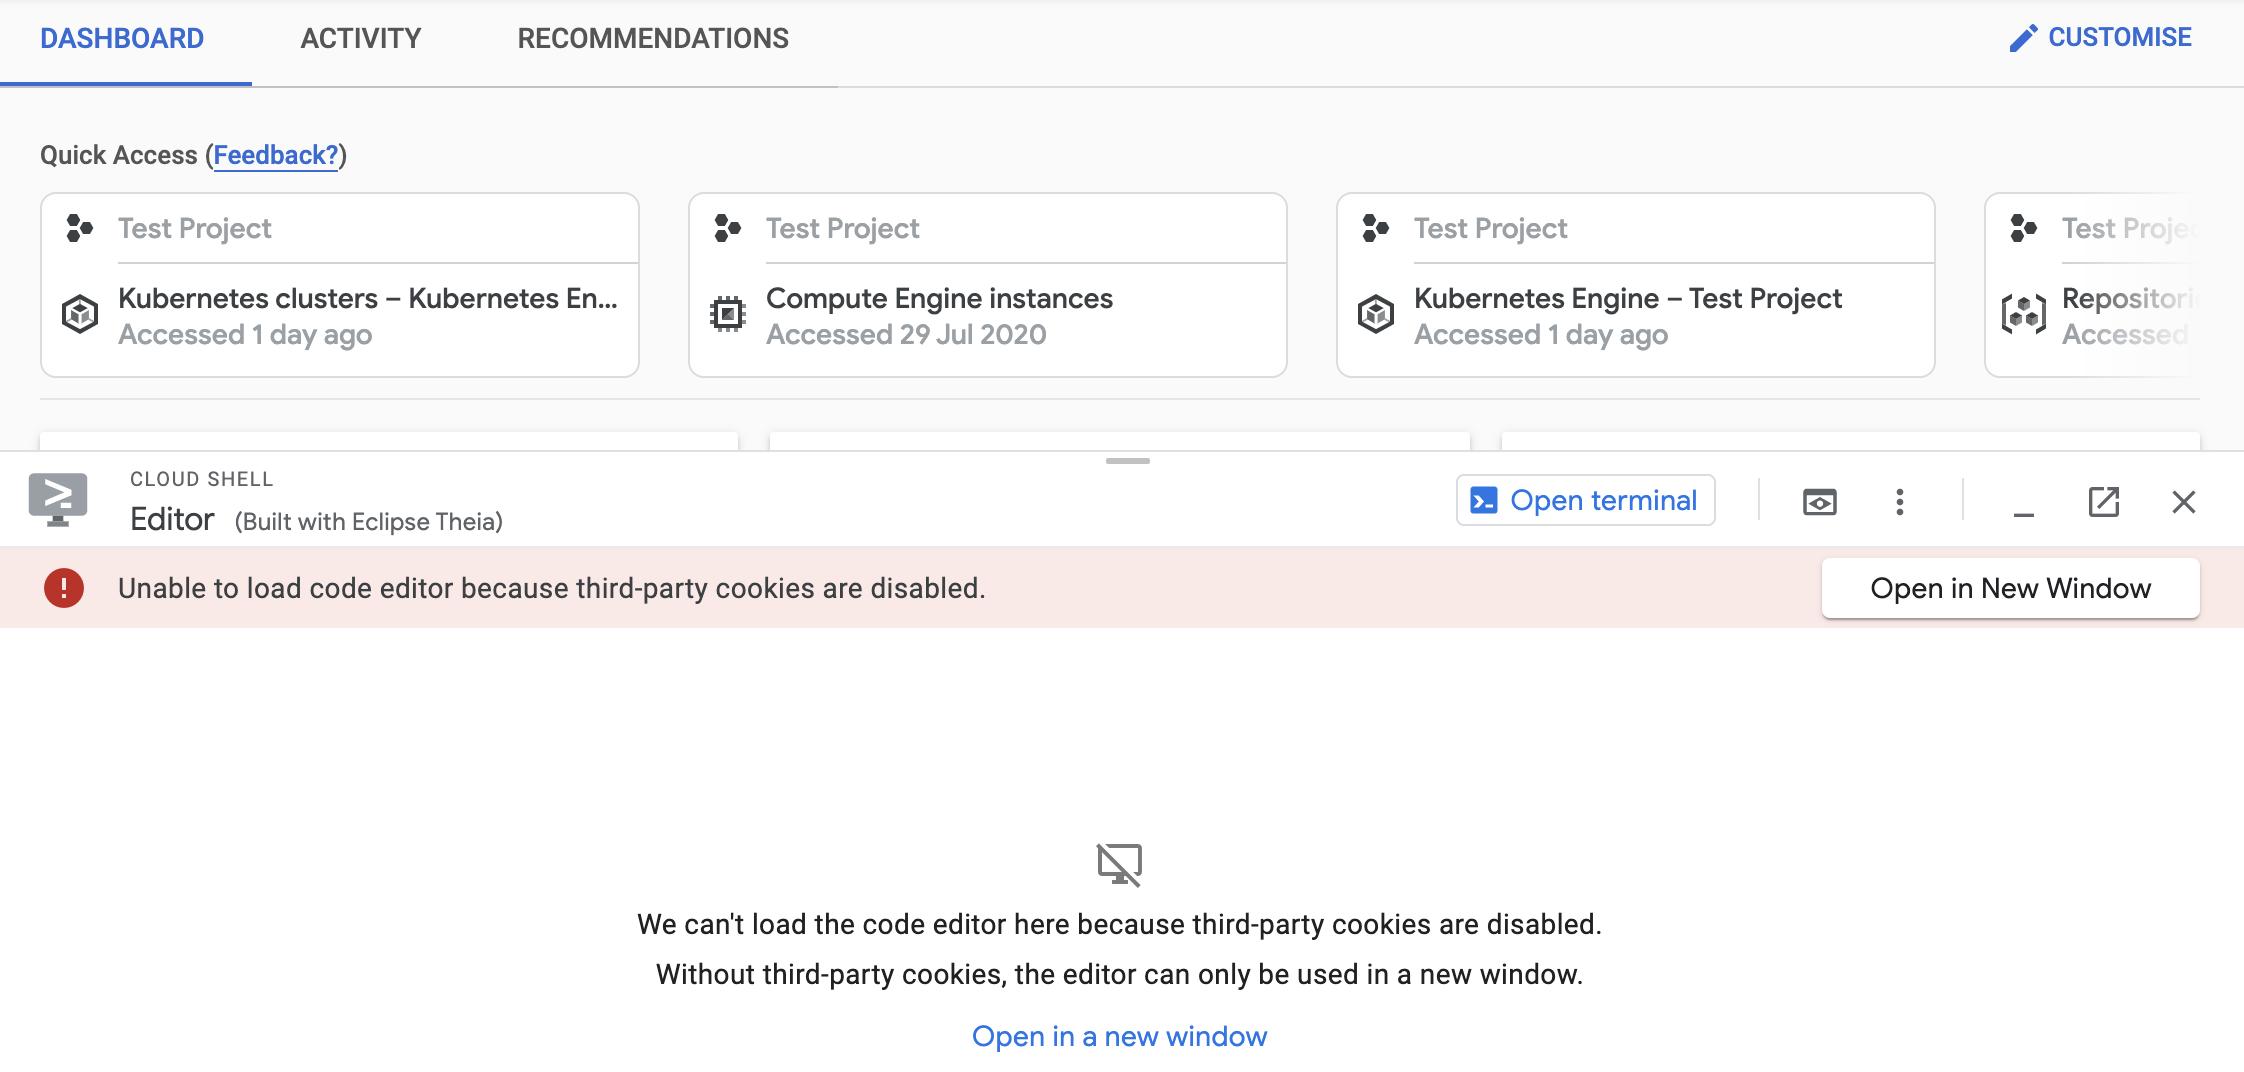 サードパーティの Cookie のブロックが原因でコード エディタを読み込むことができないことを示すエディタパネルと、エディタを新しいウィンドウで開くためのリンク